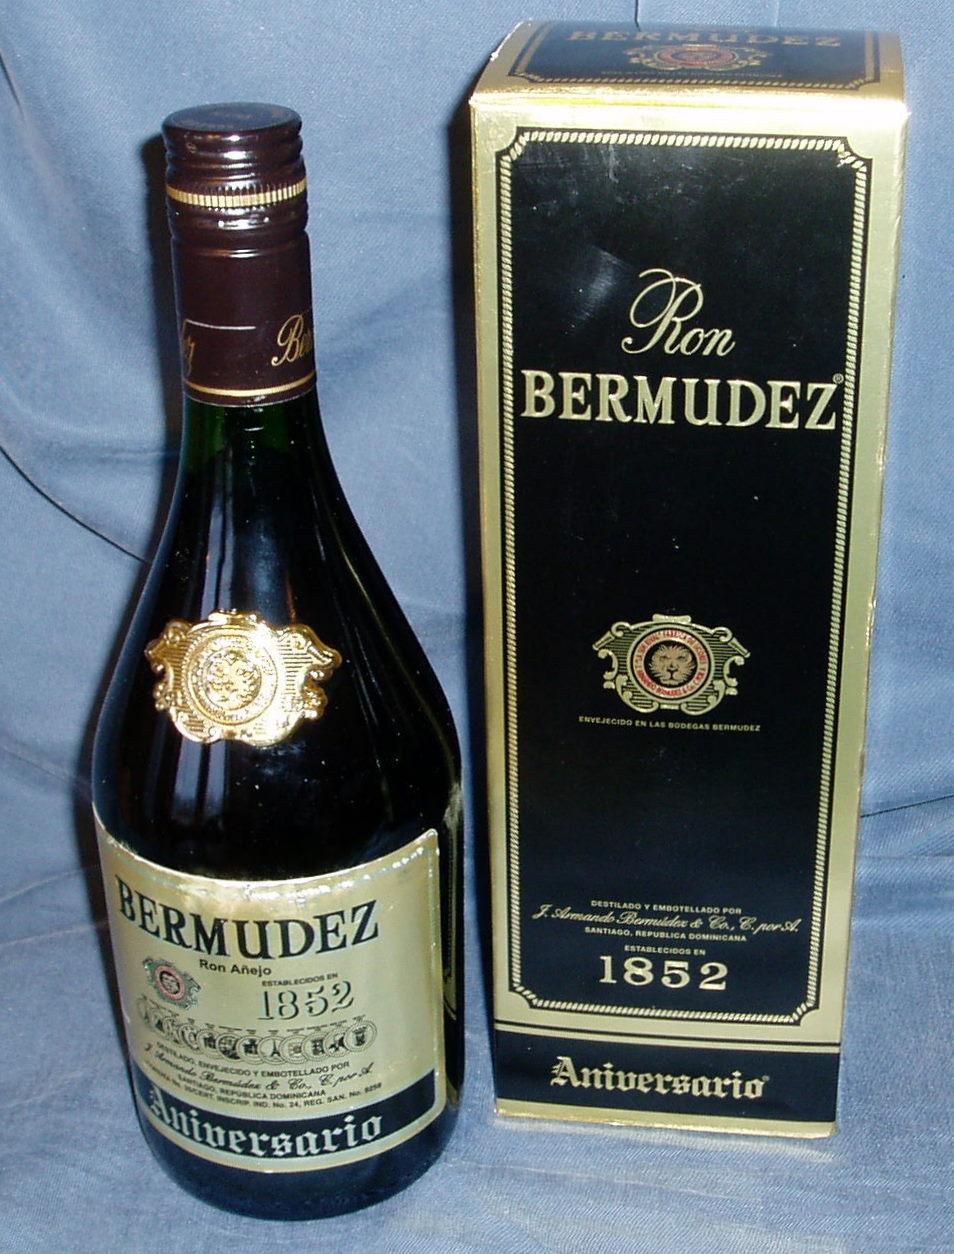 Bermudez Anniversario